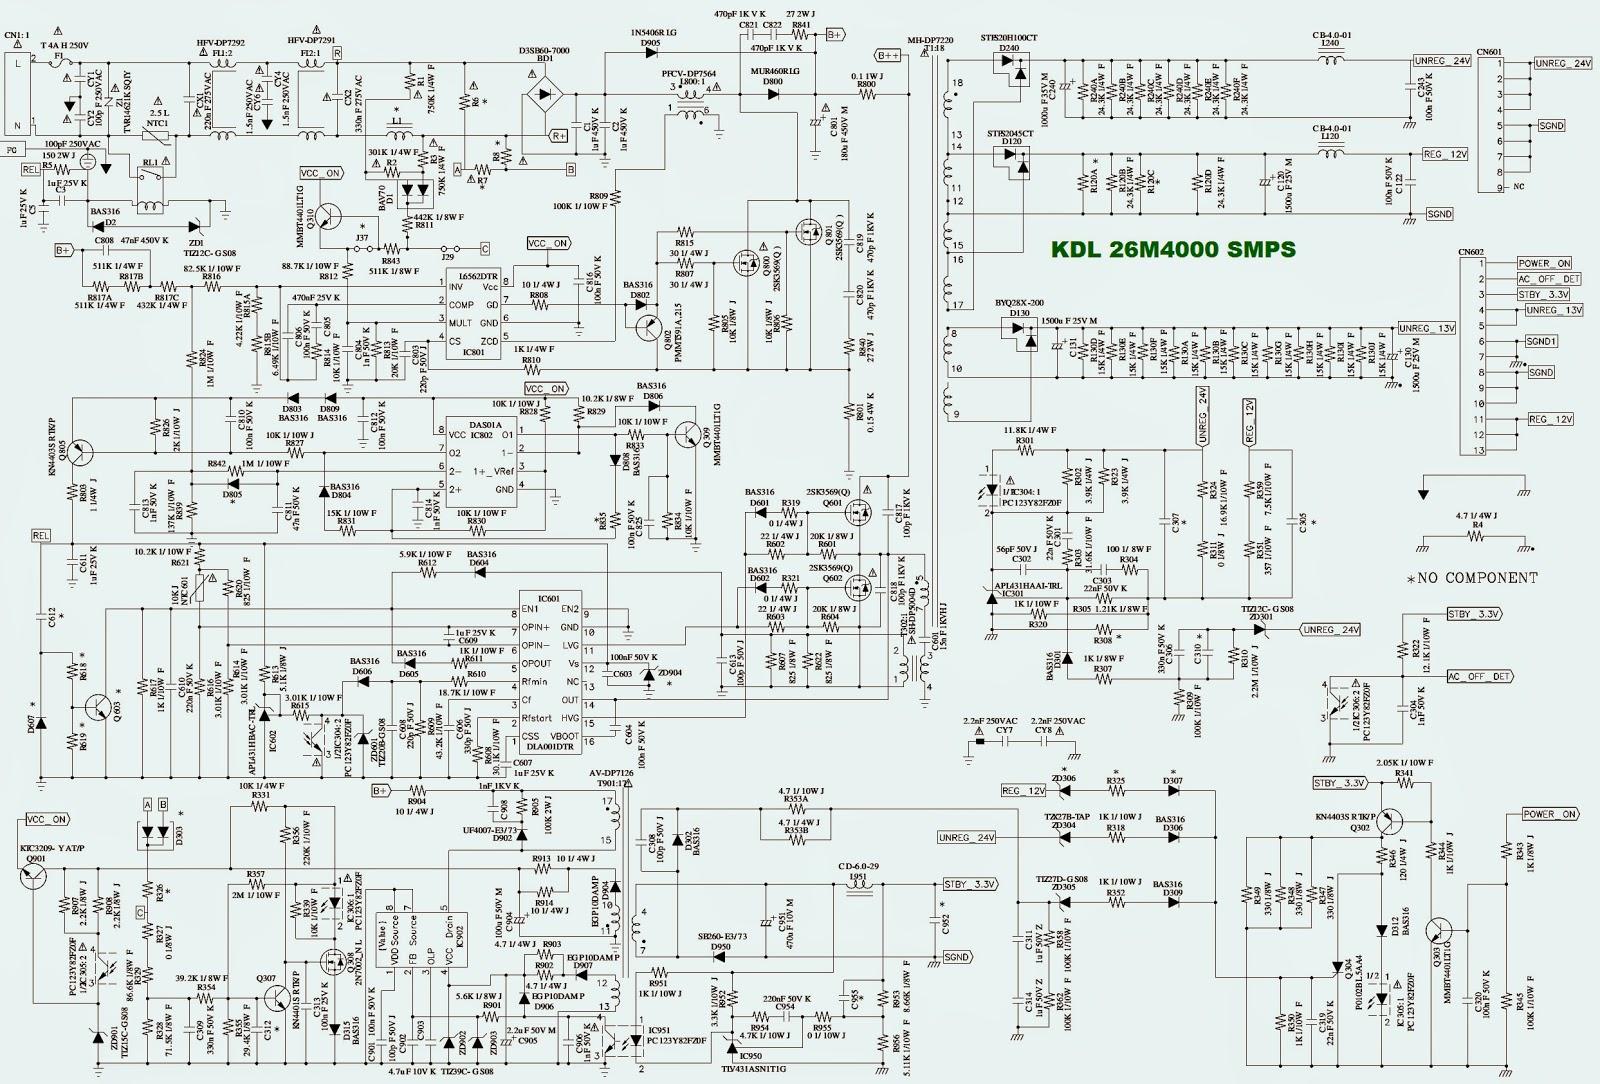 lg plasma tv schematic diagram